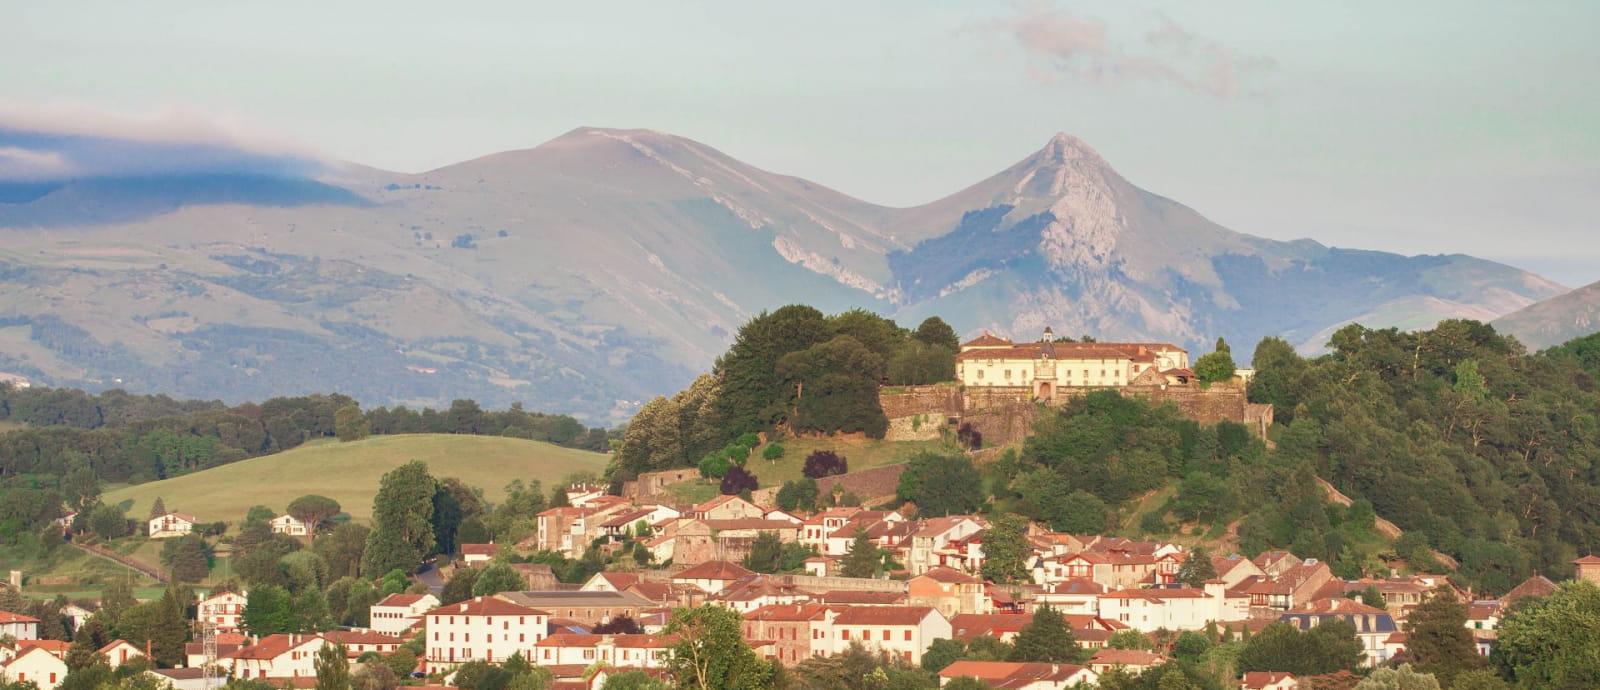 vue apres midi de saint jean pied de port avec la citadelle et le pic de behorleguy